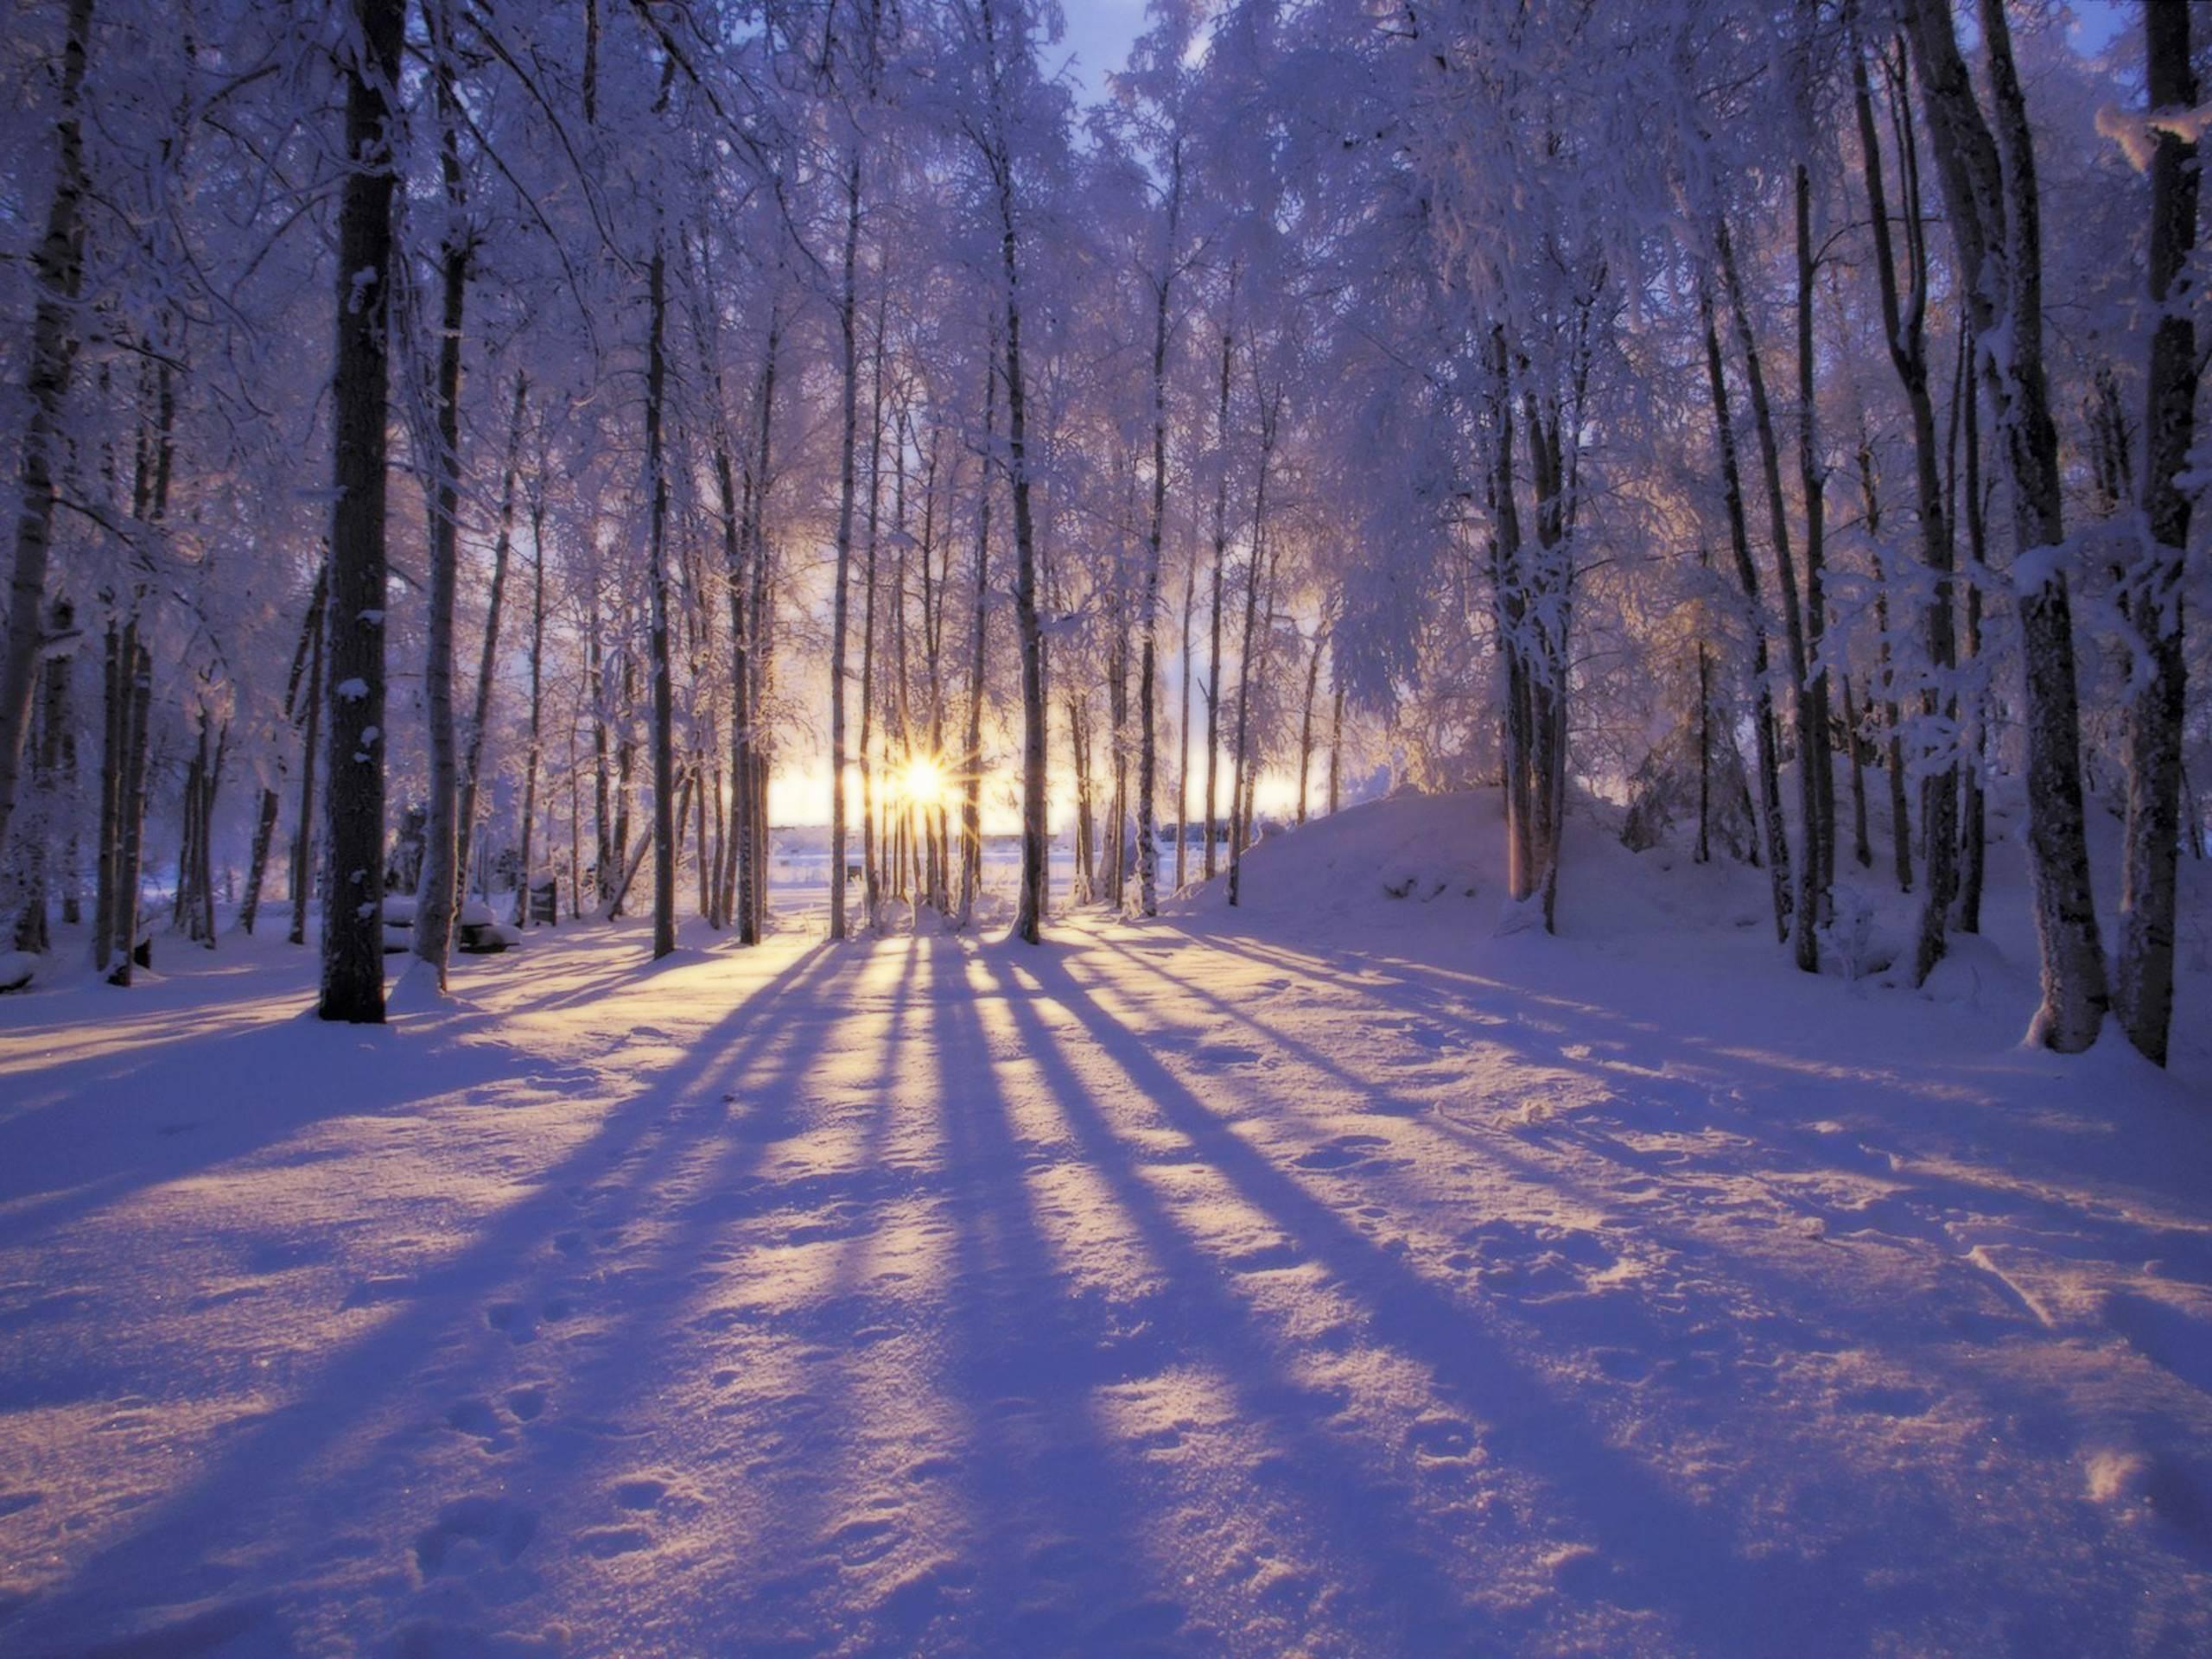 winter scene desktop backgrounds - wallpaper cave